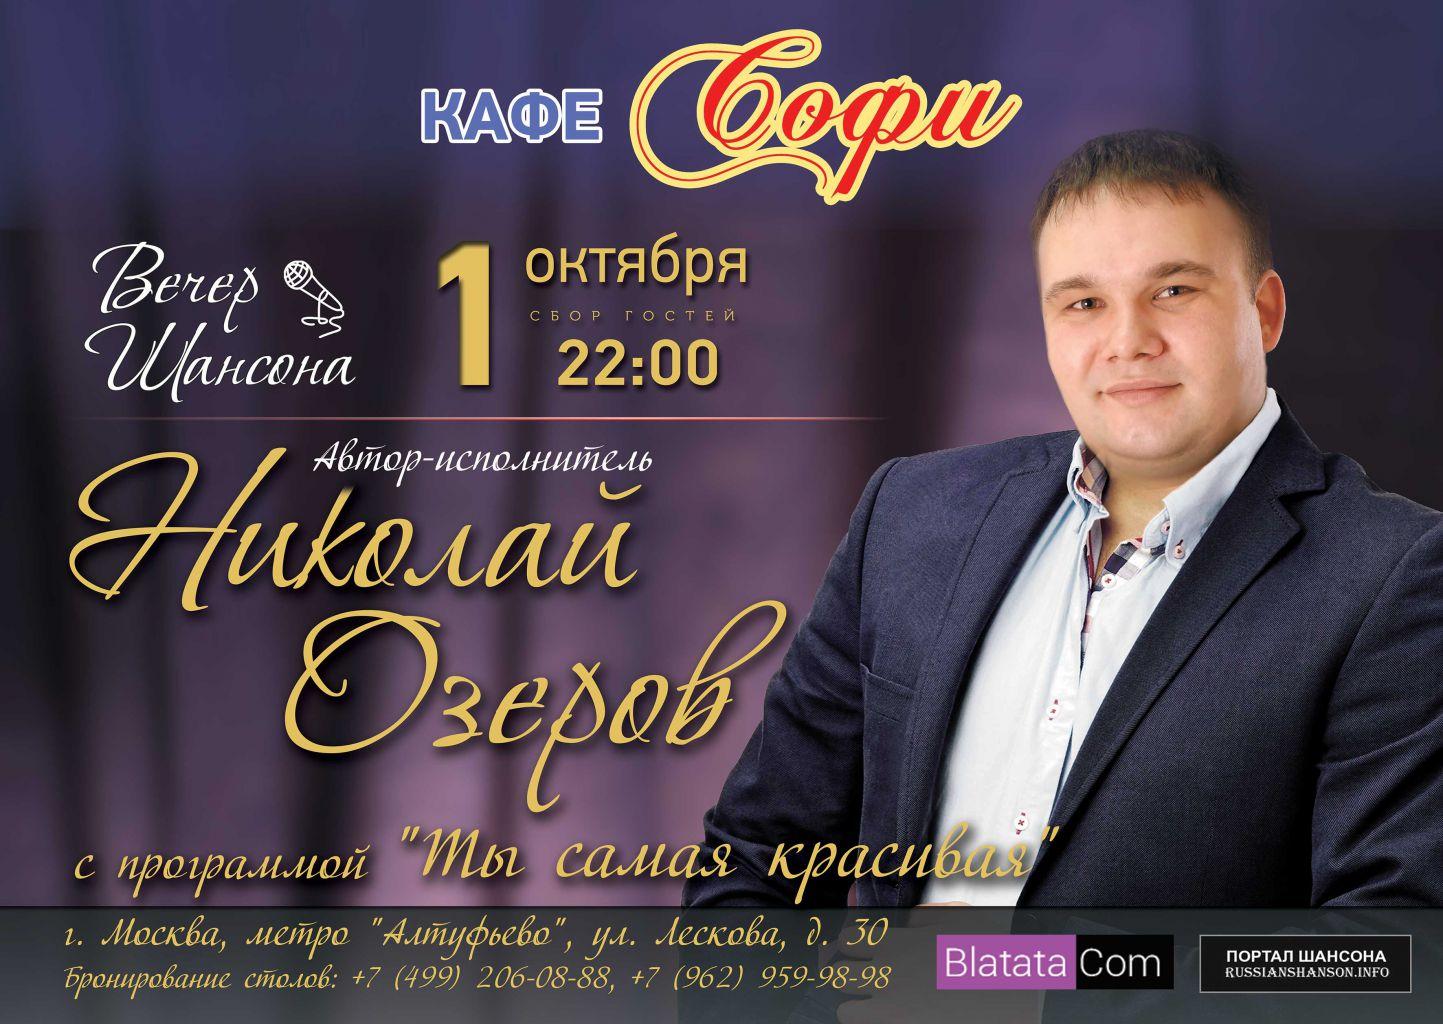 Николай Озеров с программой «Ты самая красивая» г.Москва 1 октября 2016 года